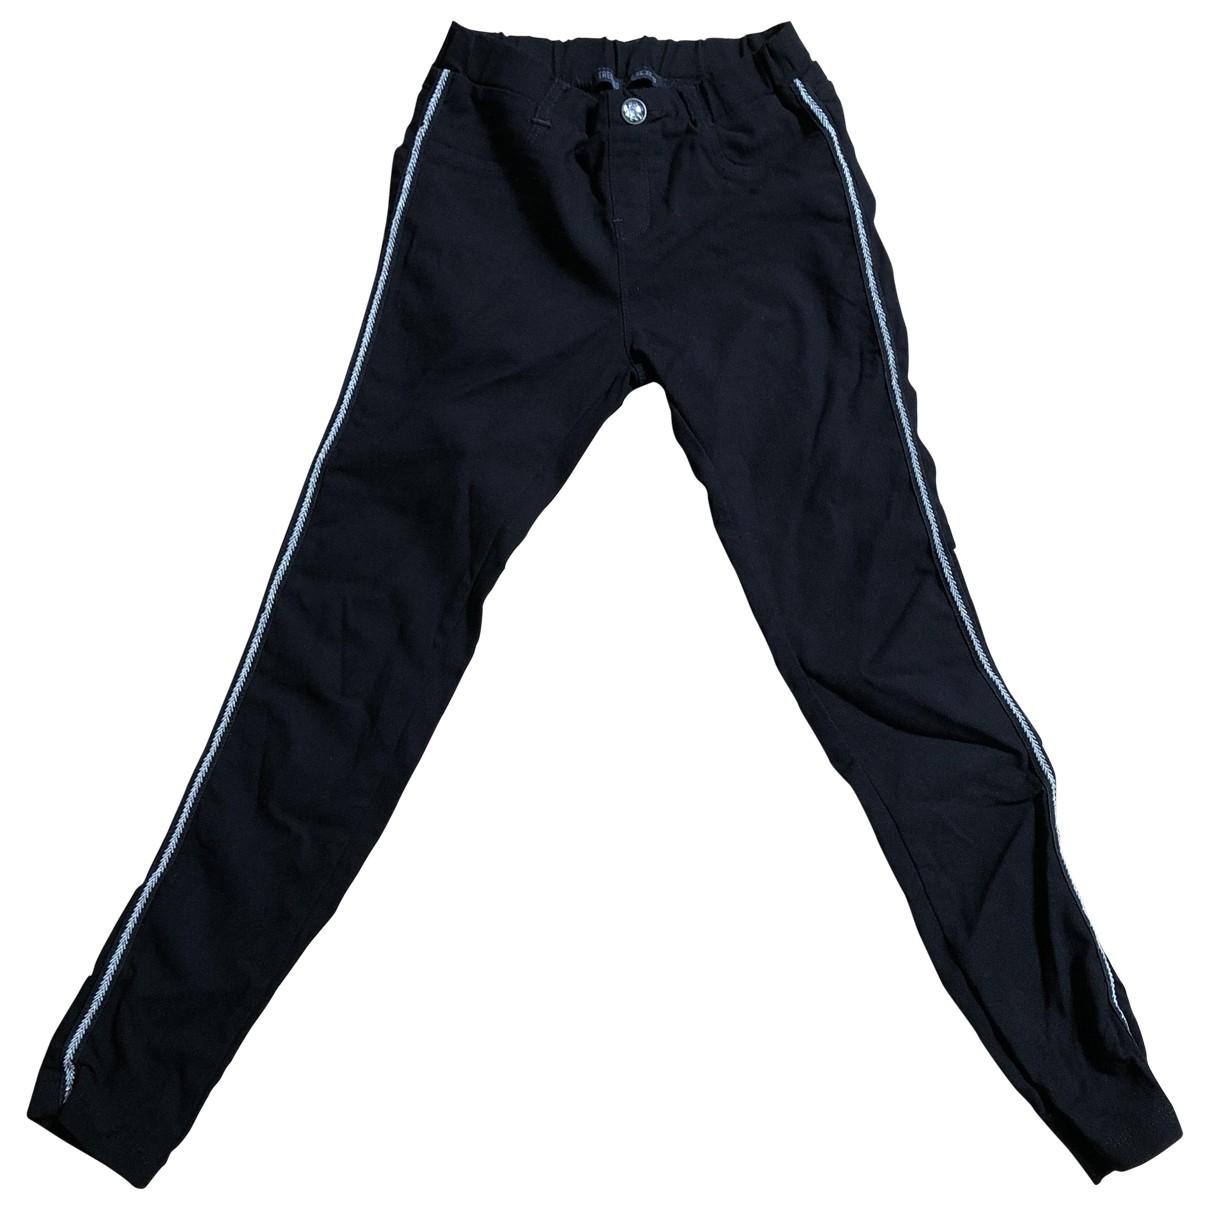 Ikks - Pantalon   pour enfant - noir